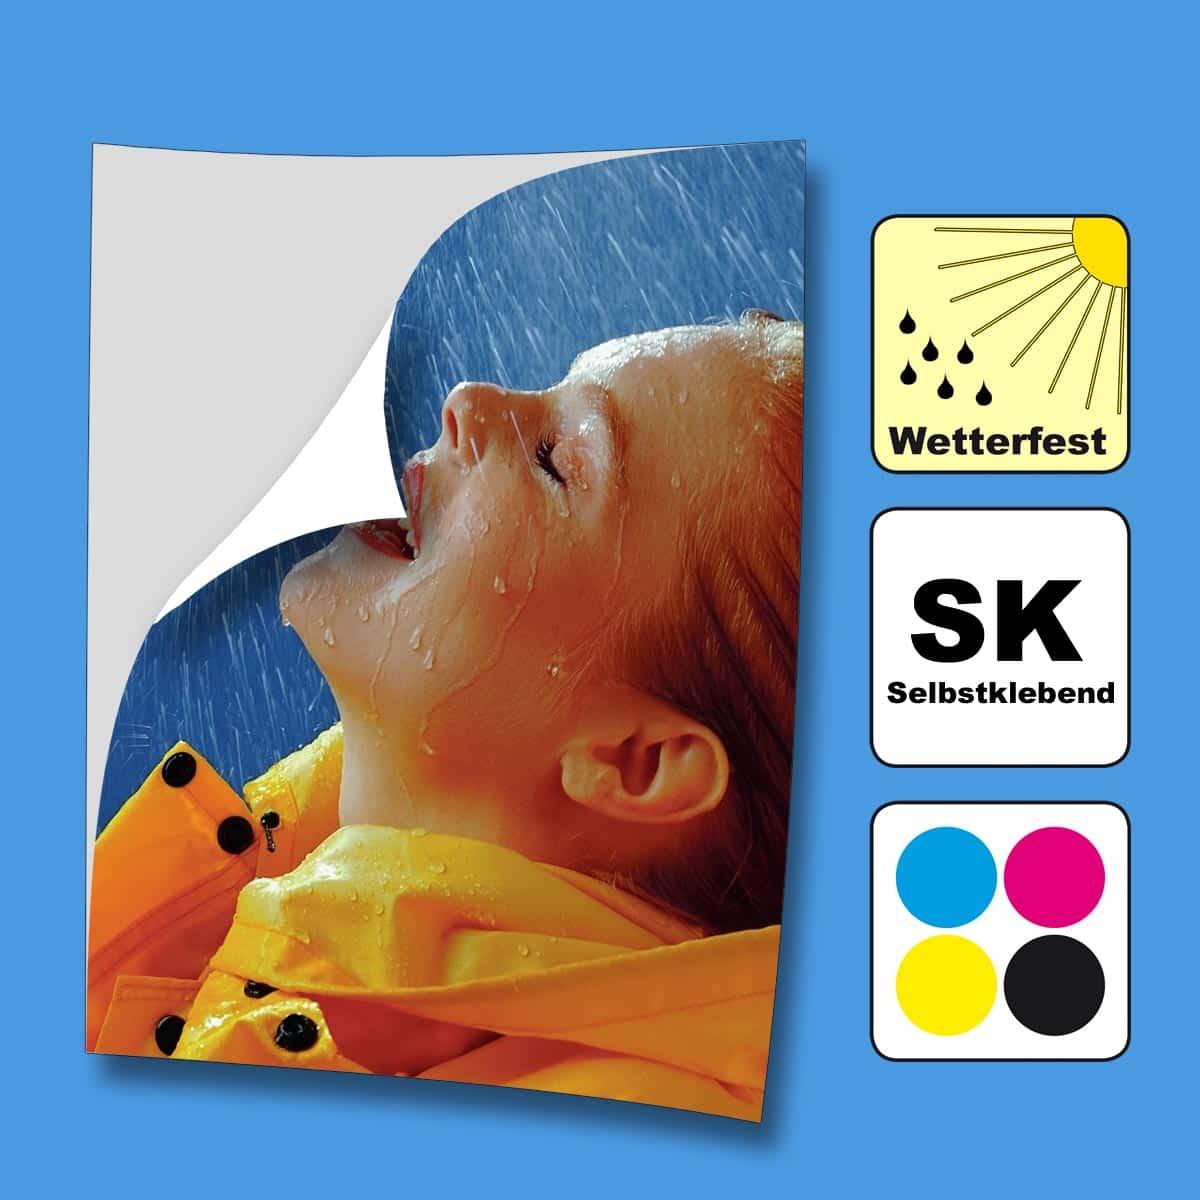 Wir drucken Ihnen hochwertige Selbstklebefolie in Hamburg. Die SK-Folie ist dauerhaft klebend oder wieder ablösbar verfügbar.